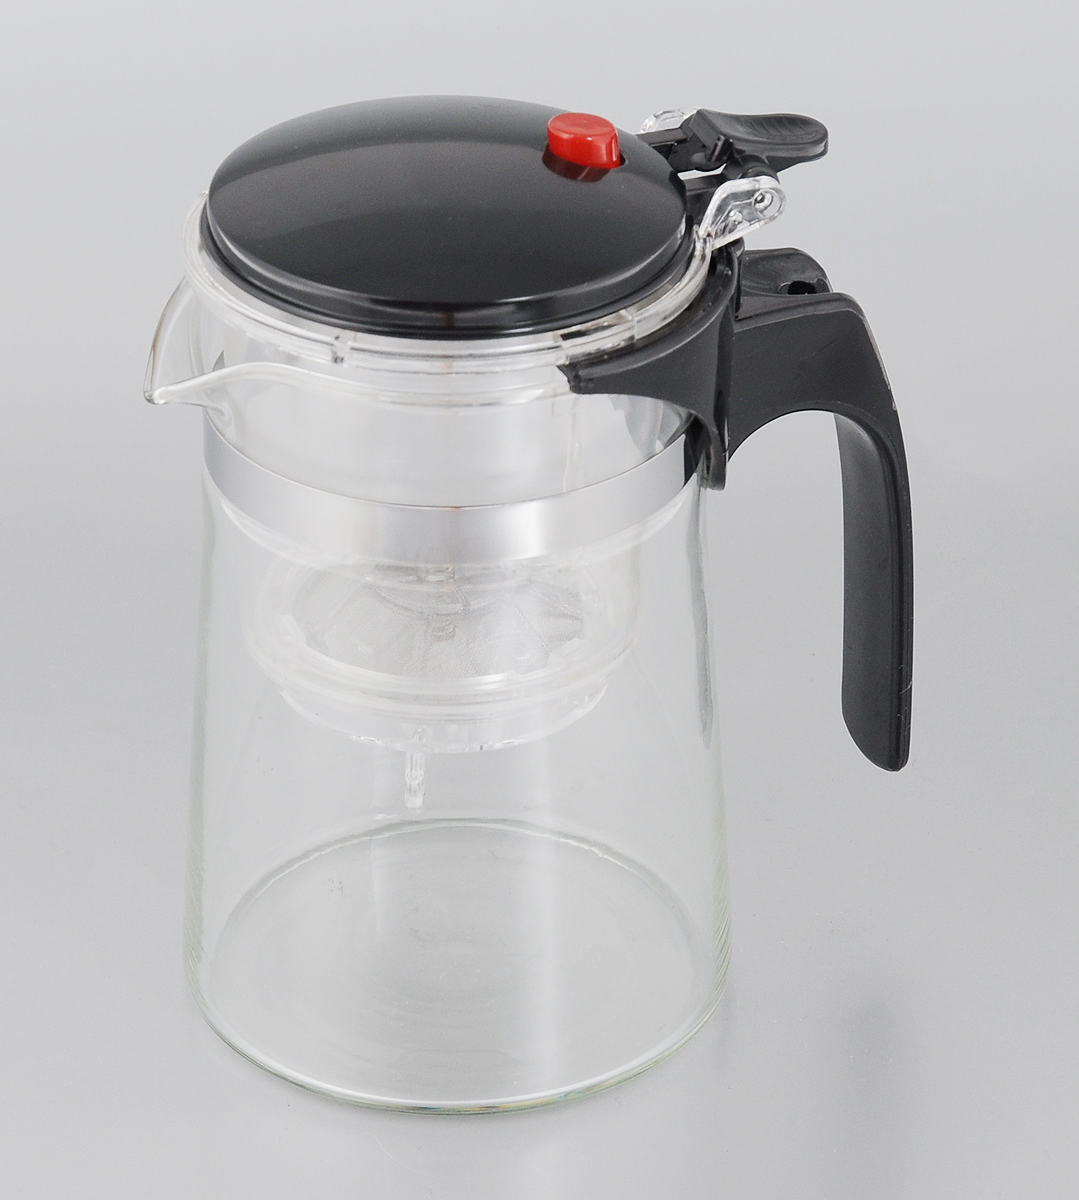 Чайник заварочный Mayer & Boch, 500 мл. 4026115510Заварочный чайник Mayer & Boch выполнен из прочного пластика и высококачественного стекла. Засыпая чайную заварку в фильтр-сетку из нержавеющей стали и заливая ее горячей водой, вы получаете ароматный чай с оптимальной крепостью и насыщенностью. Остановить процесс заварки чая легко. Просто нажмите на кнопку, и напиток уйдет вниз, а чайные листья останутся в фильтре. Удобный и практичный заварочный чайник пригодится на любой кухне.